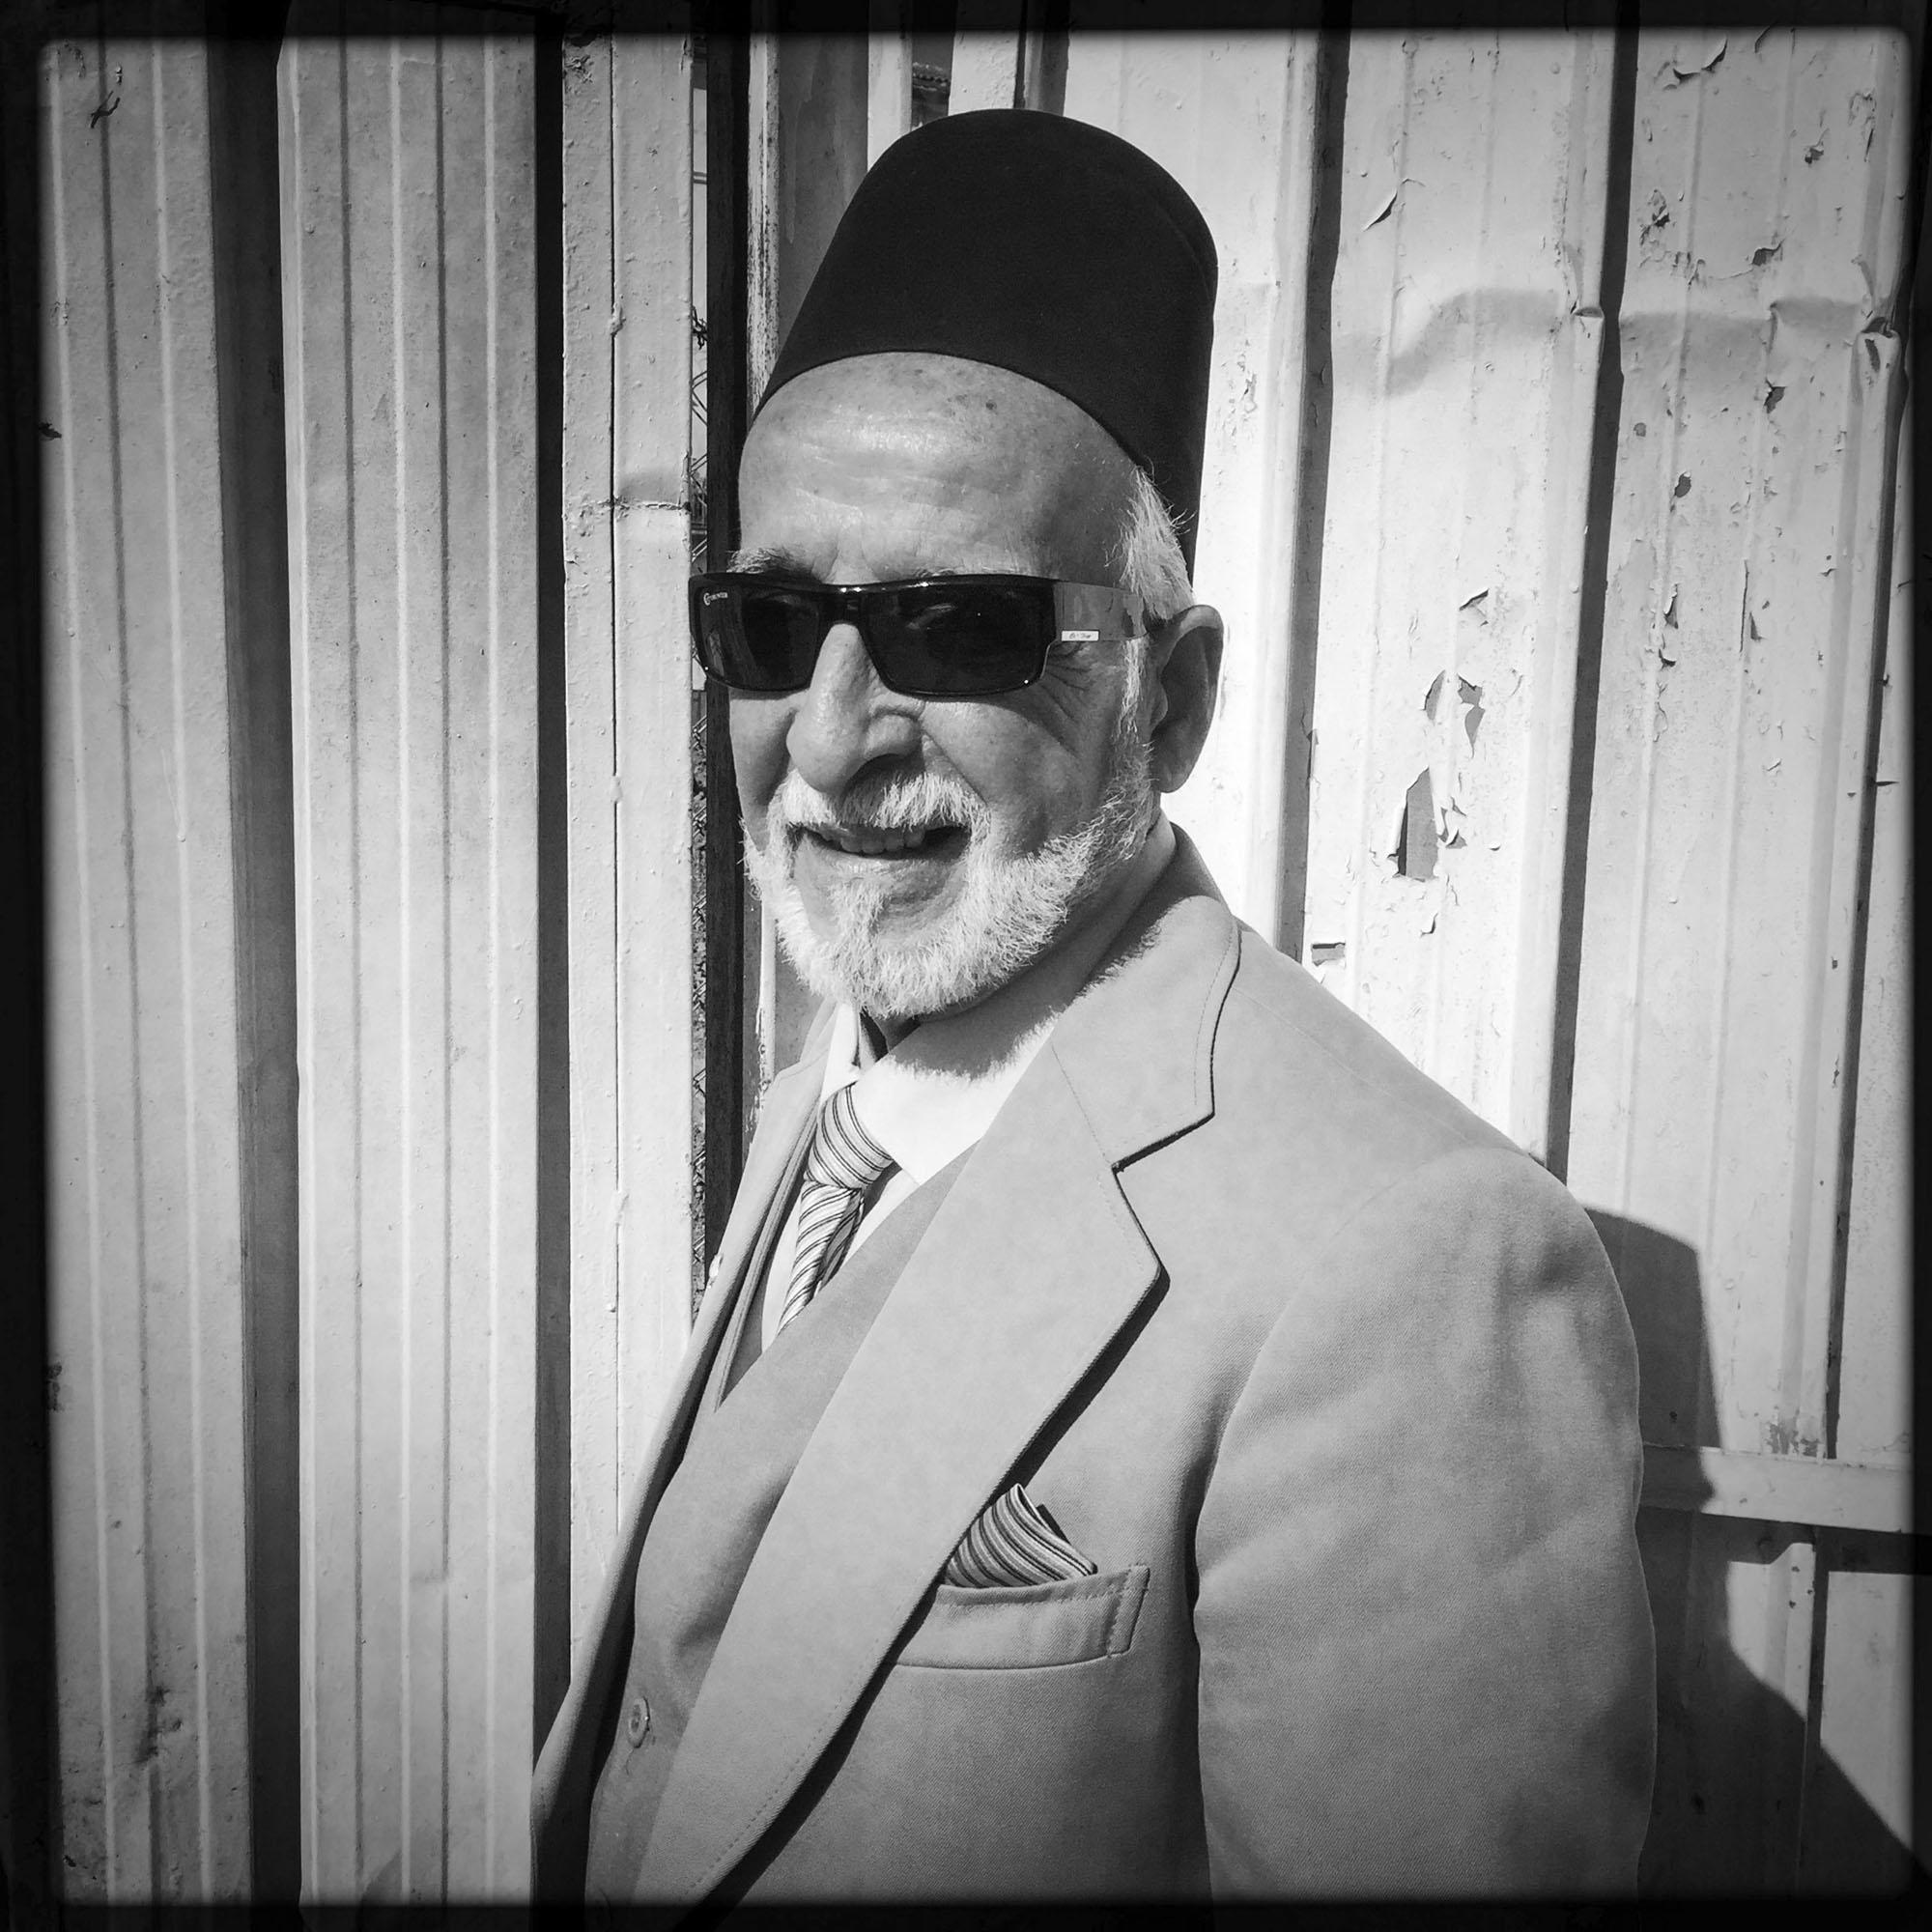 Mustapha, un homme très élégant coiffé du chapeau traditionnel, en costule cravate dans le centre ville d'Alger. 18/02/2016, Alger-Algérie